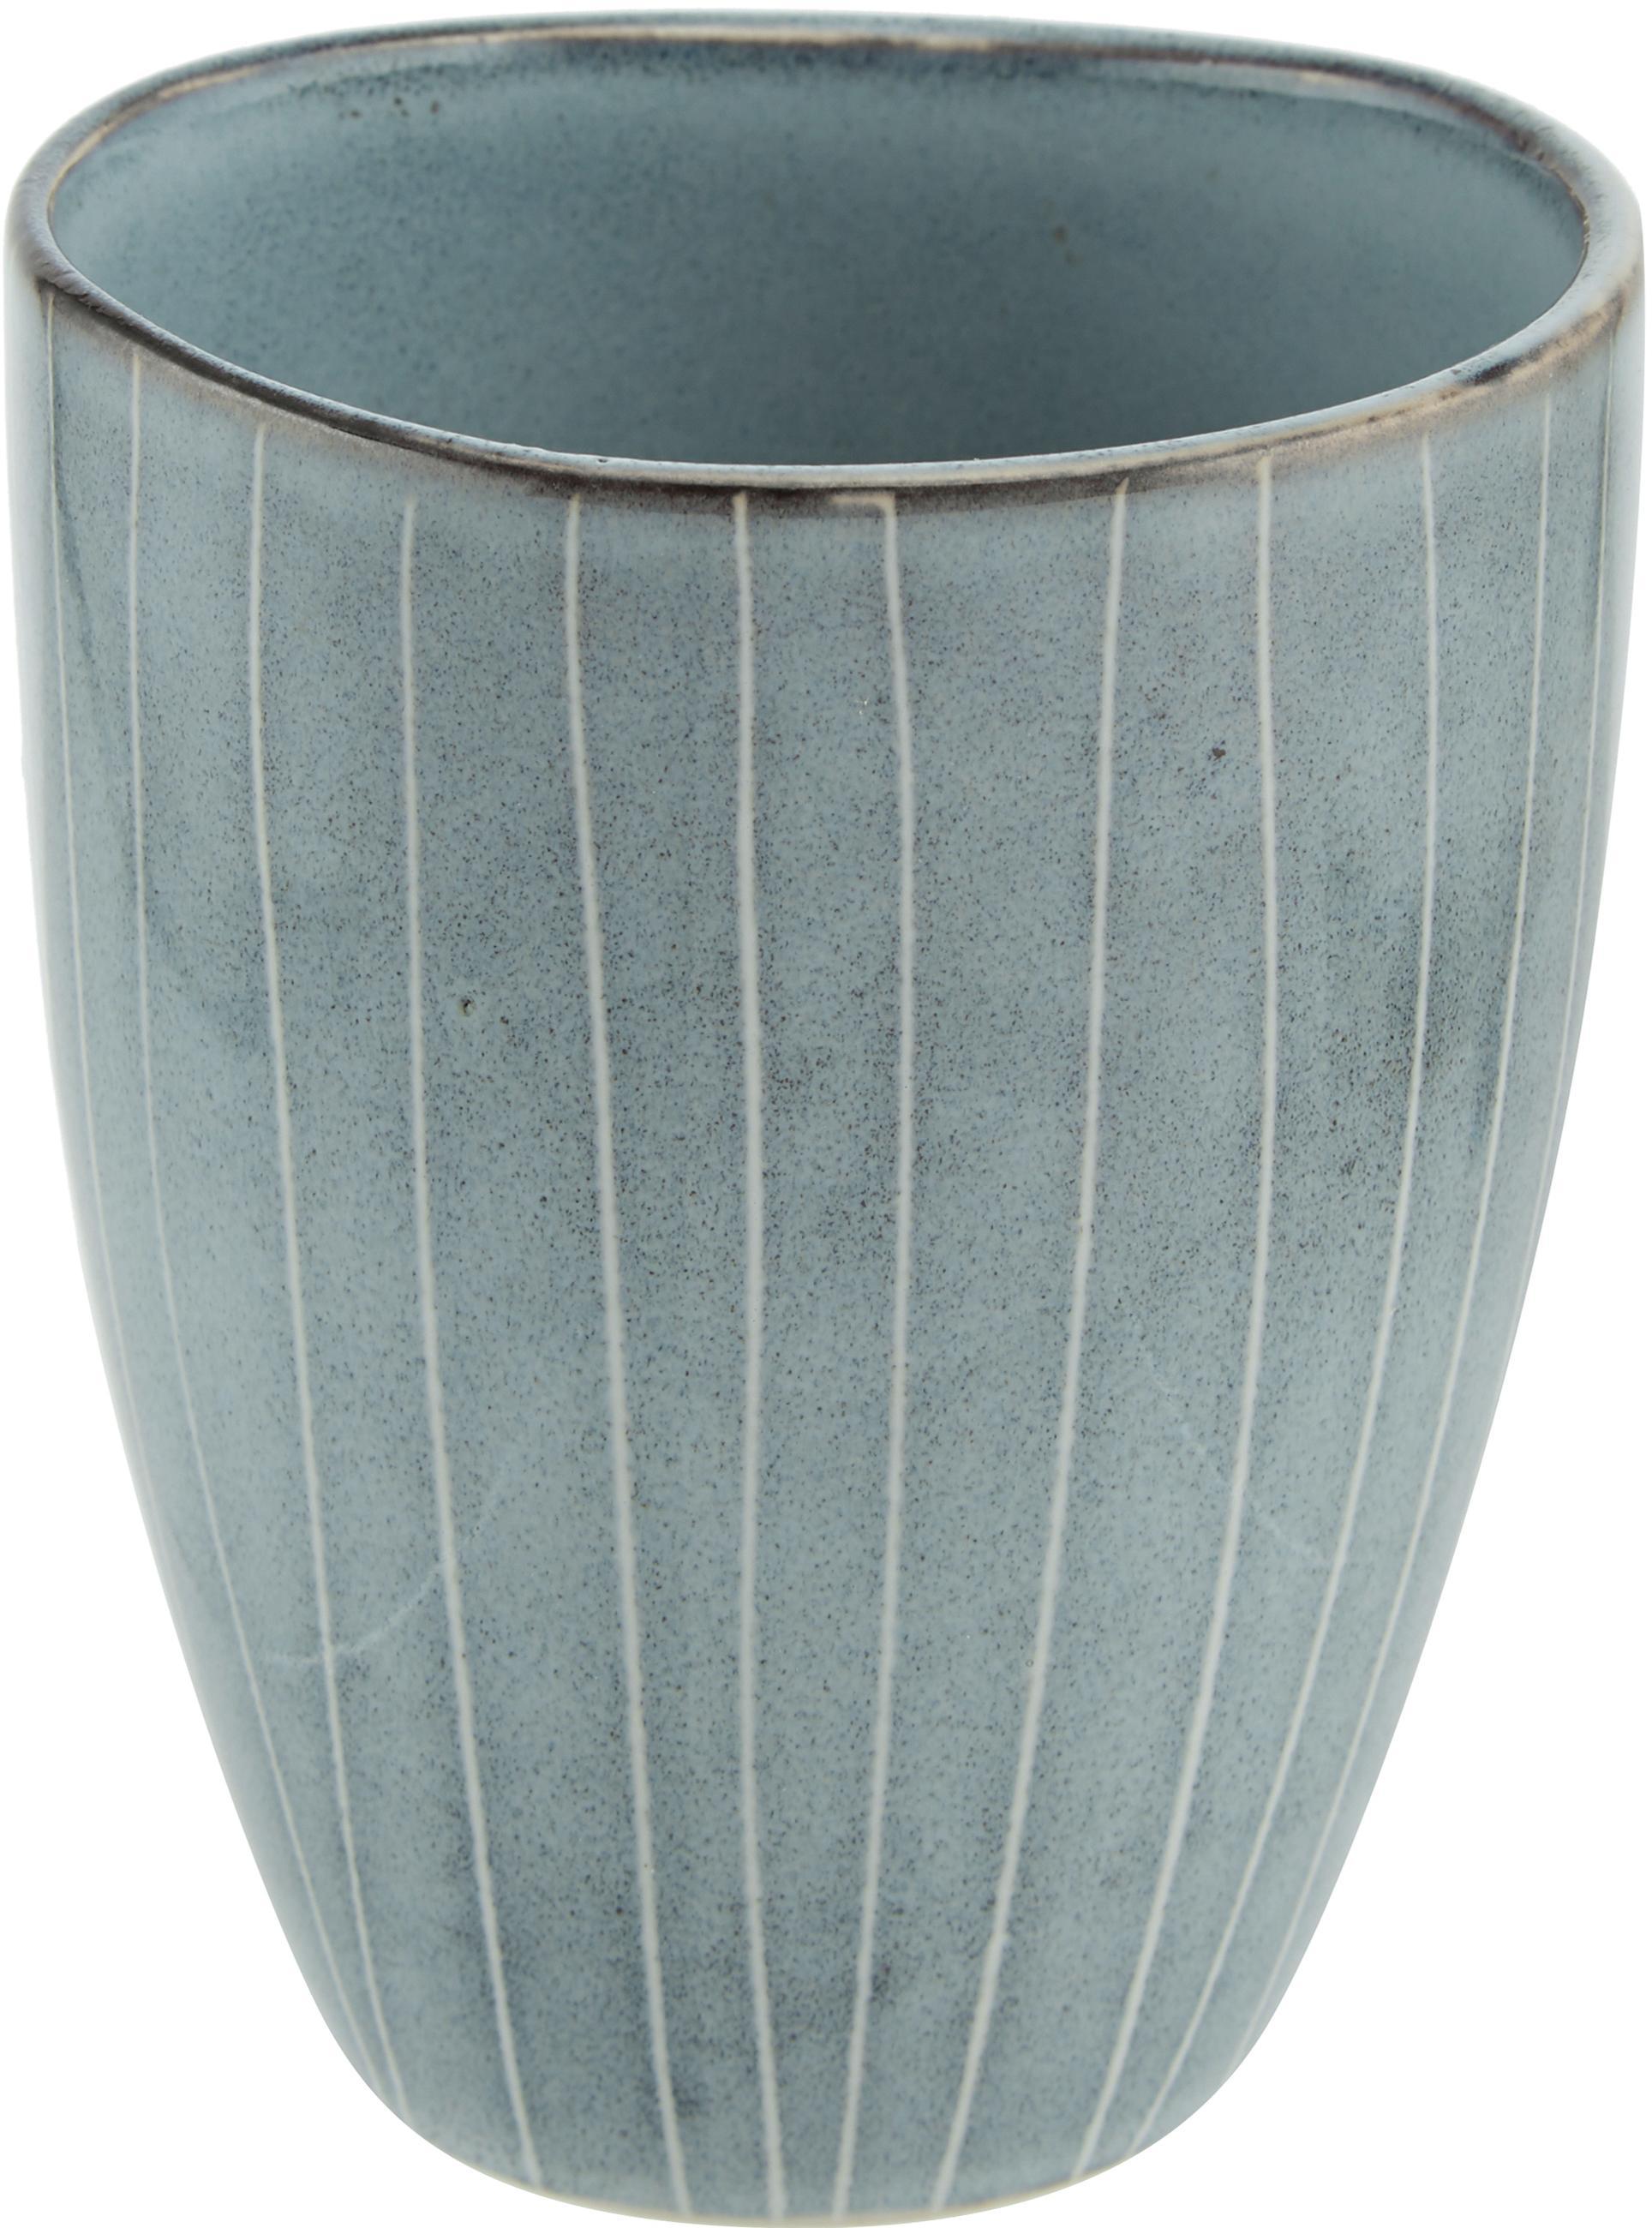 Handgemaakte bekers Nordic Sea, 6 stuks, Keramiek, Grijs- en blauwtinten, Ø 8 x H 10 cm